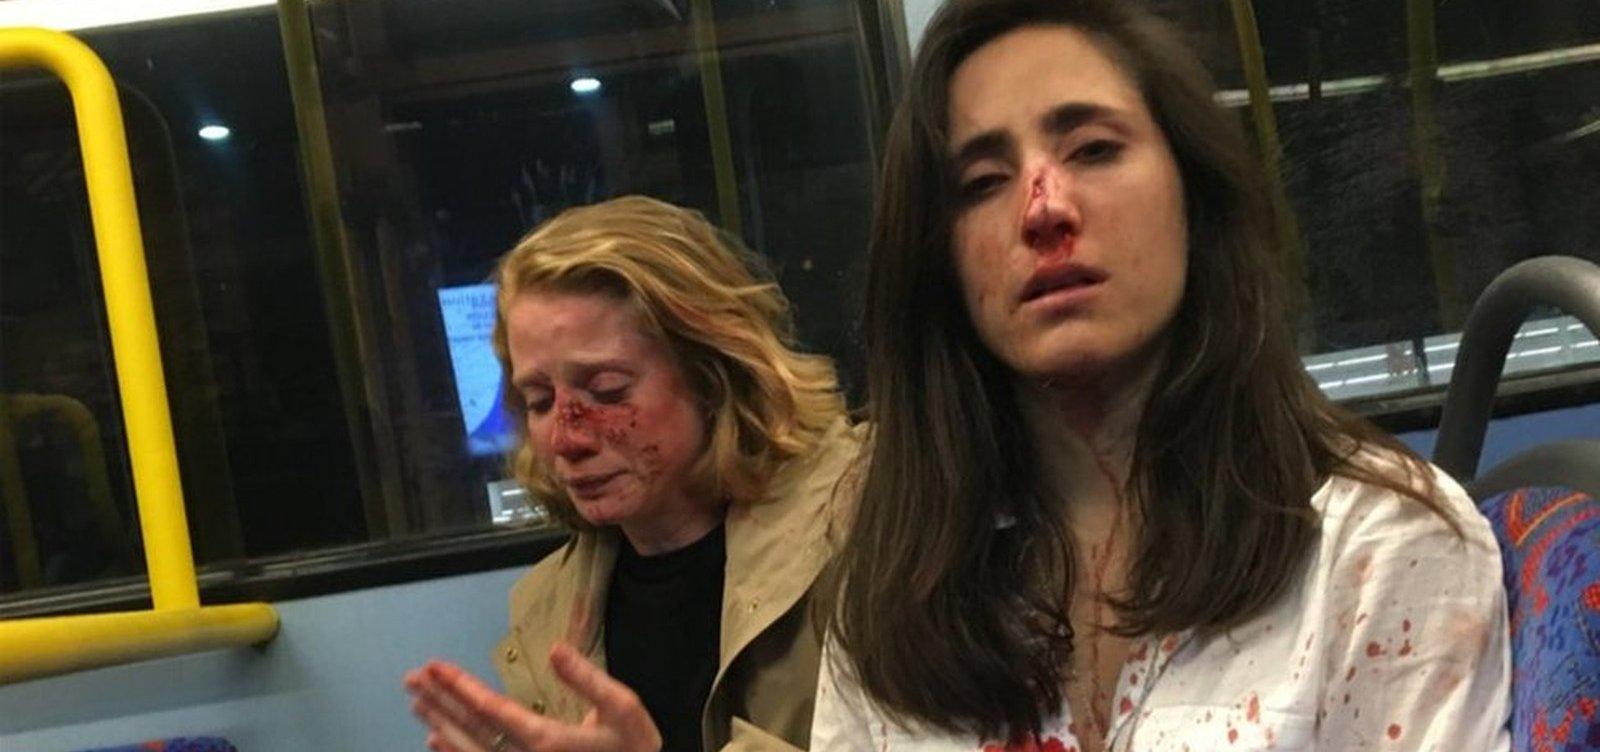 [Após pagamento de fiança, detidos por agredir casal de lésbicas ganham liberdade]